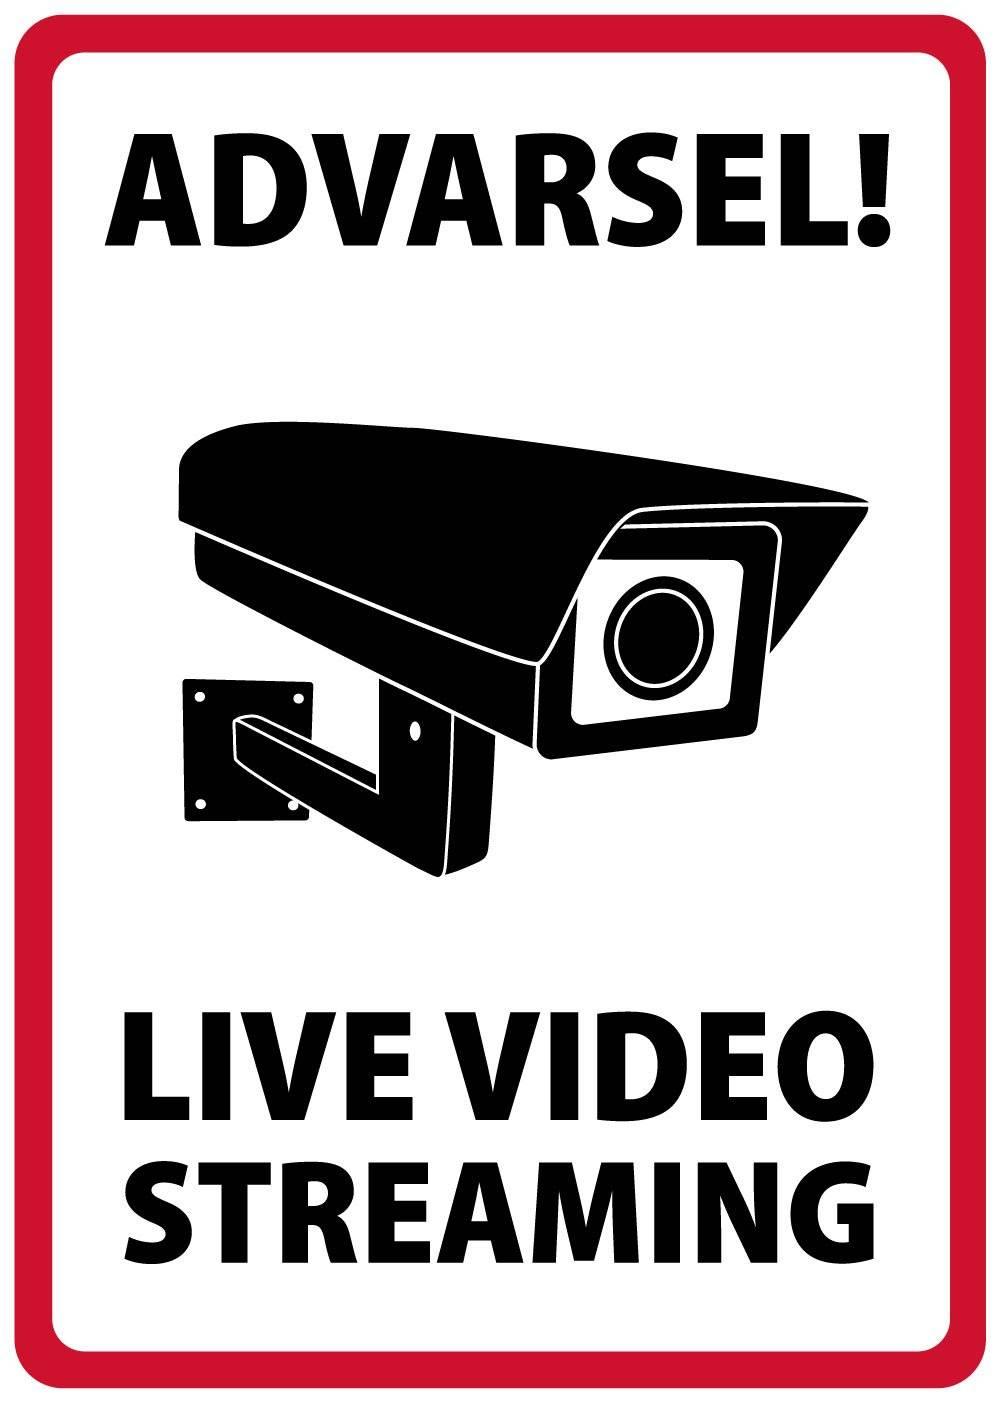 Overvågningsskilt - Advarsel! Live video streaming